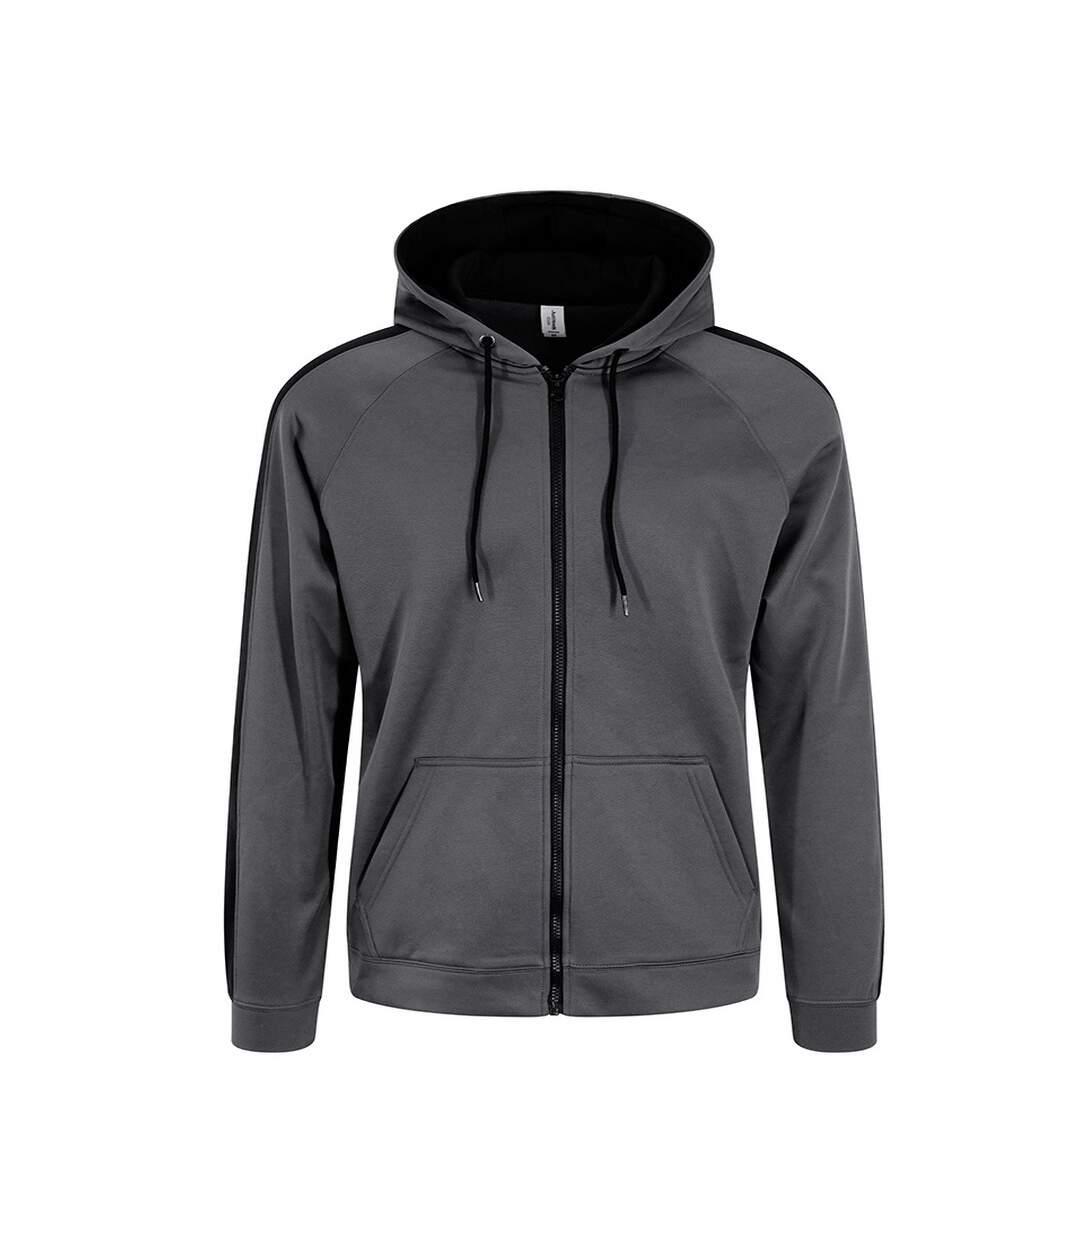 AWDis Just Hoods Mens Contrast Sports Polyester Full Zip Hoodie (Steel Grey/Jet Black) - UTPC2967